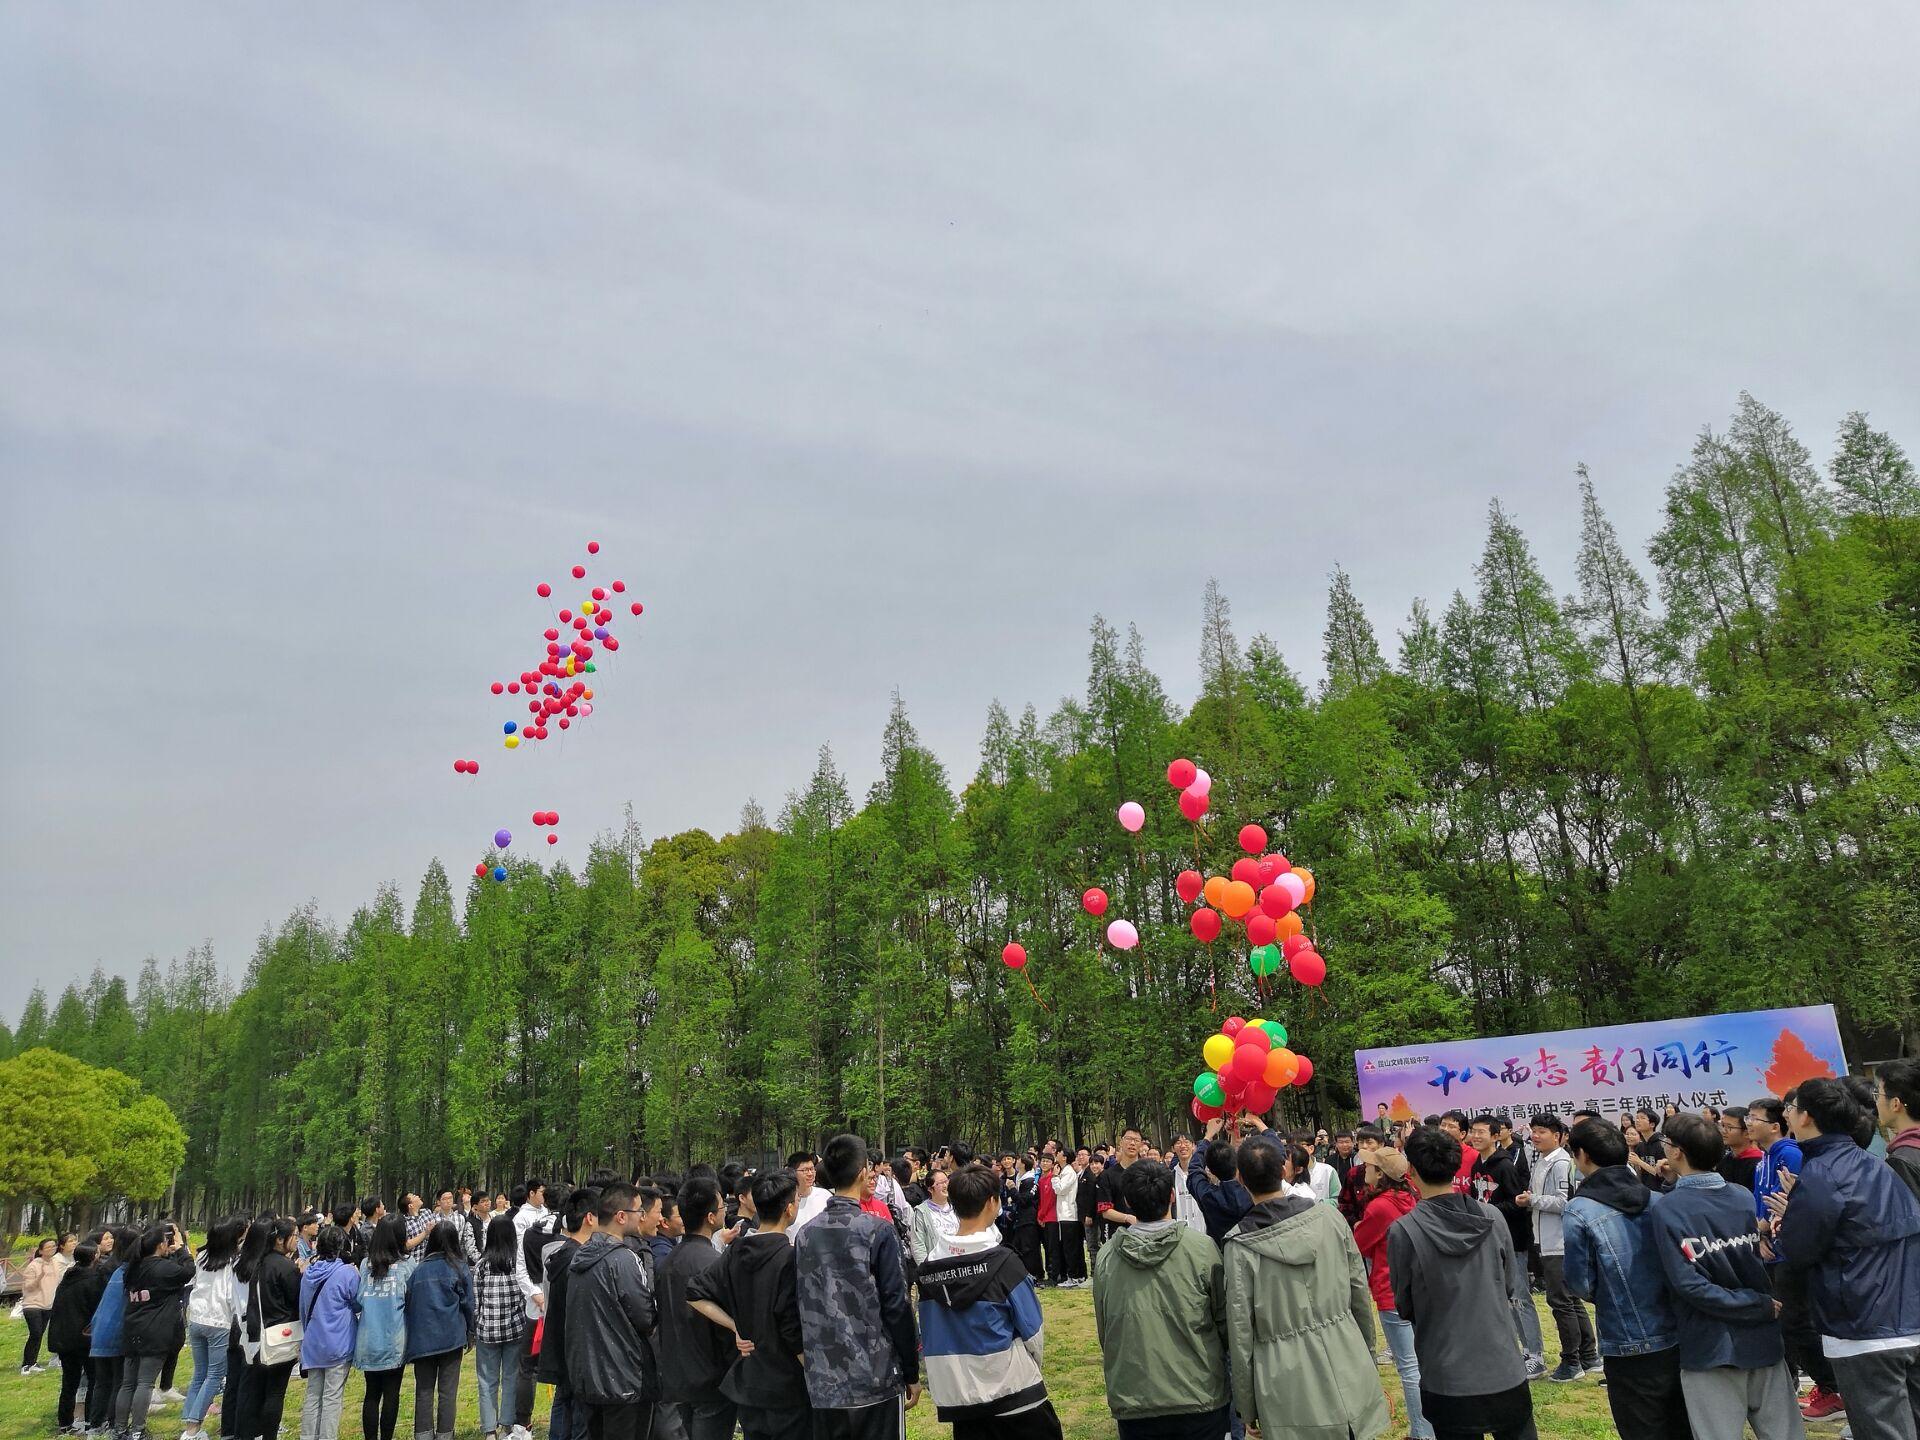 放飞气球-青春梦想2